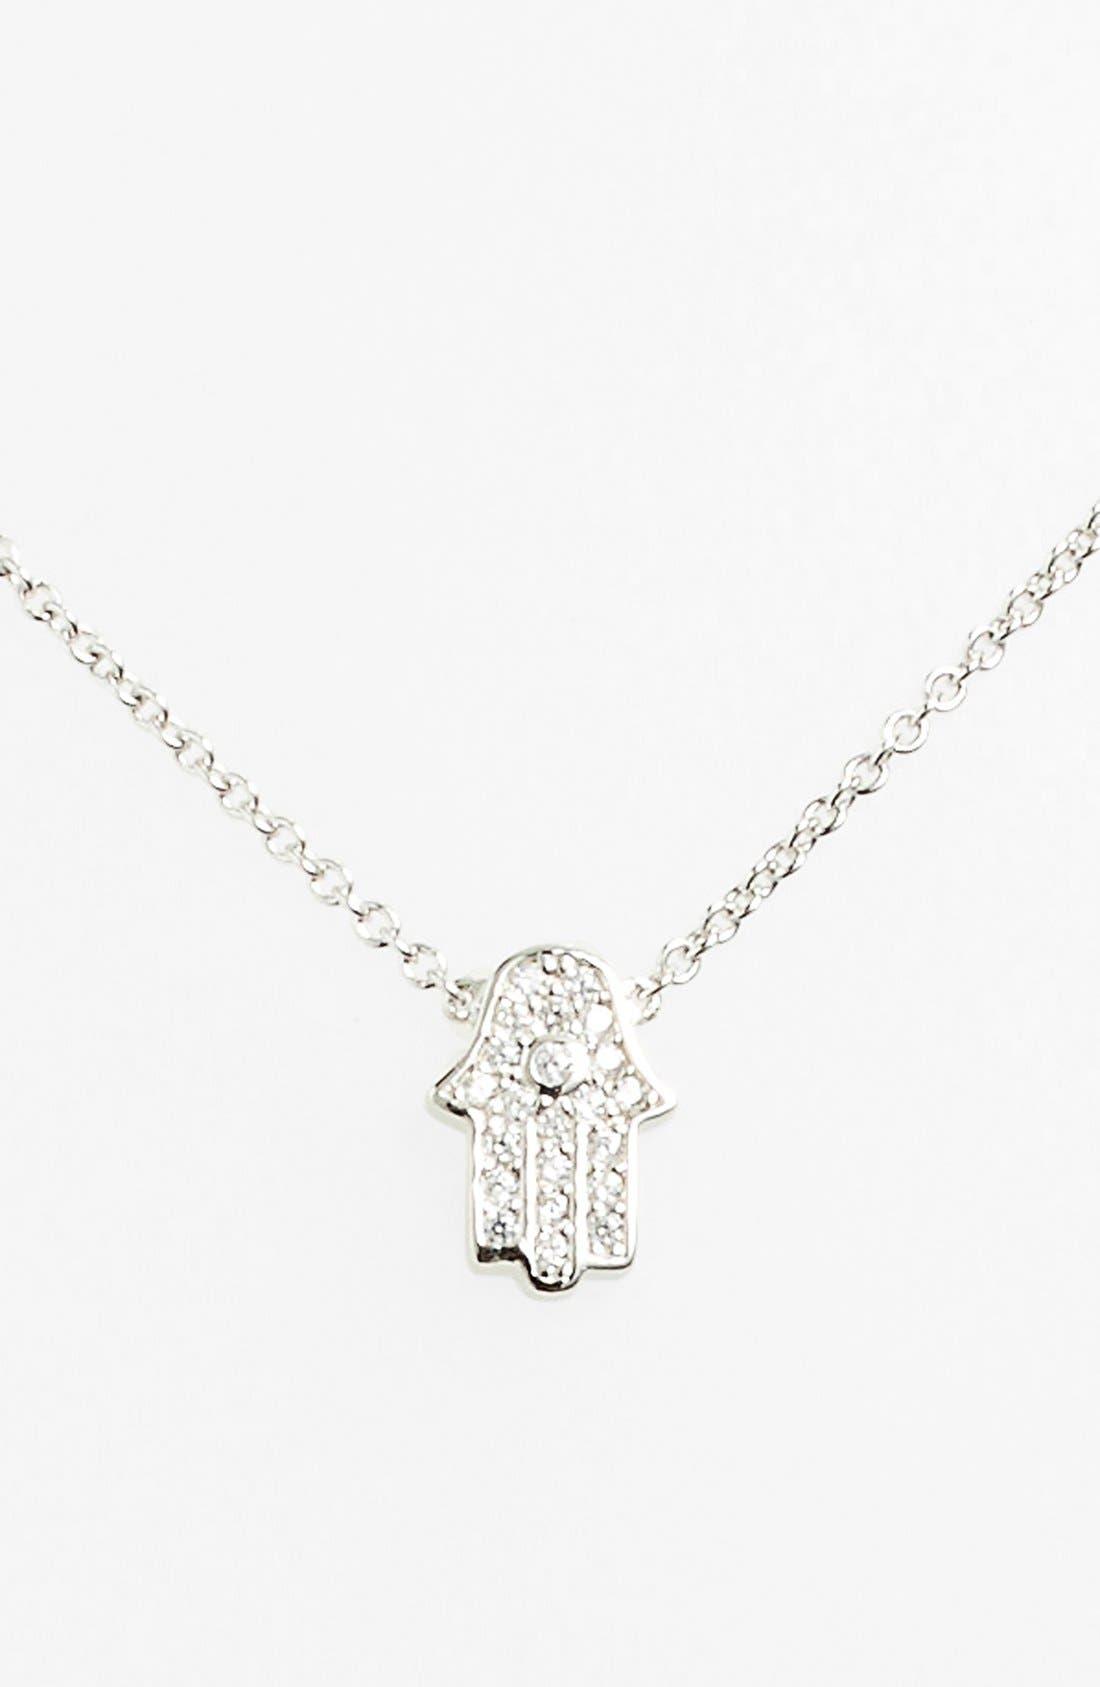 Main Image - Sugar Bean Jewelry Pavé Hamsa Pendant Necklace